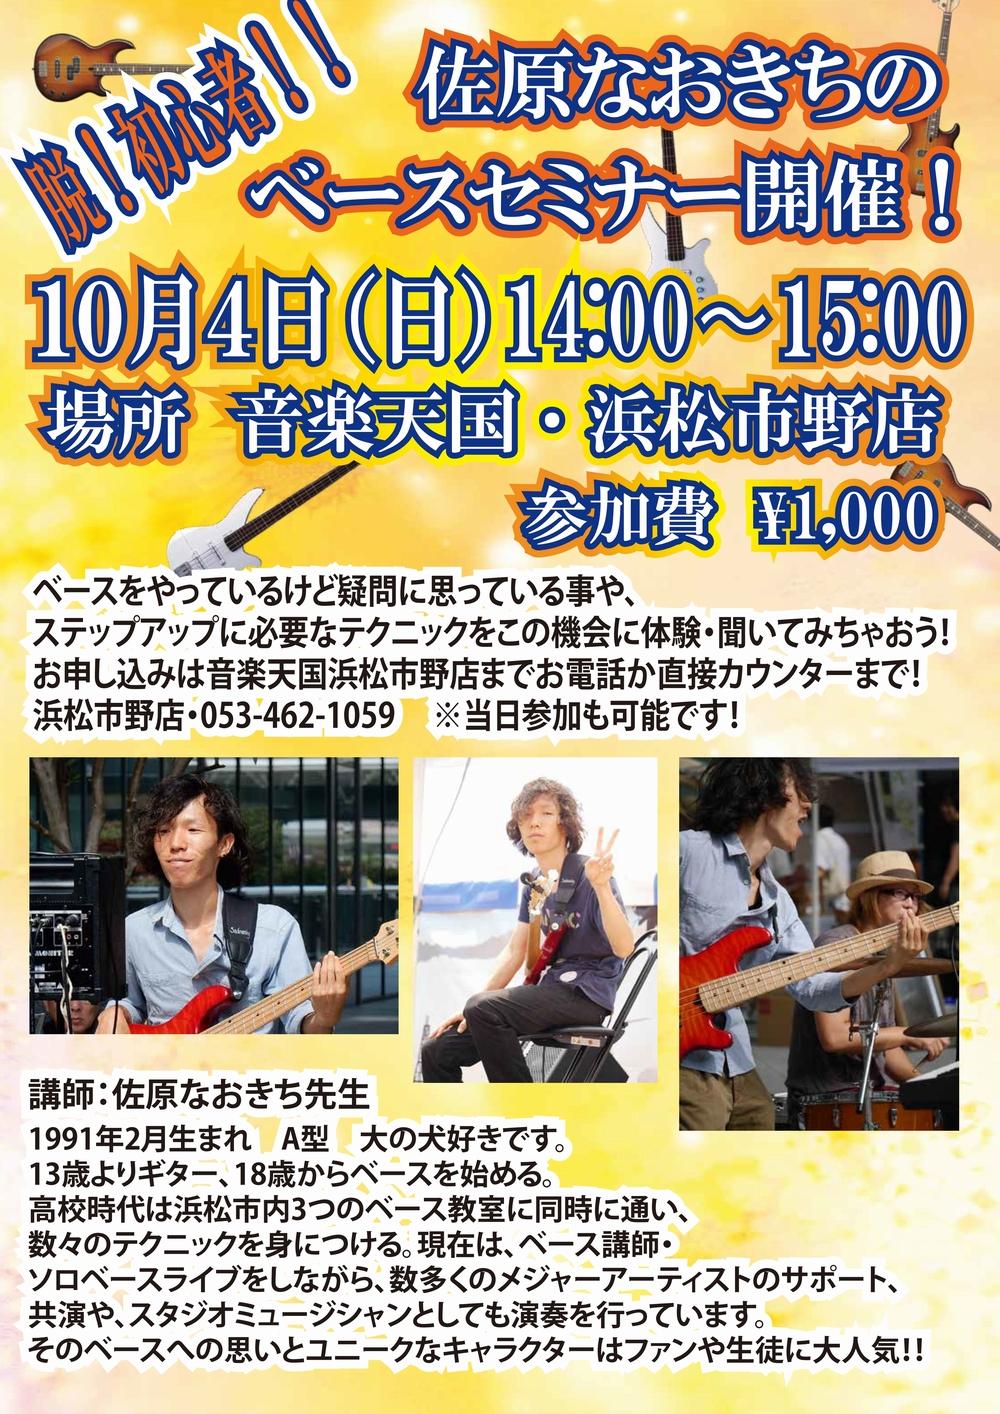 佐原なおきちのベースセミナー@音楽天国・浜松市野店10月4日(日)開催!